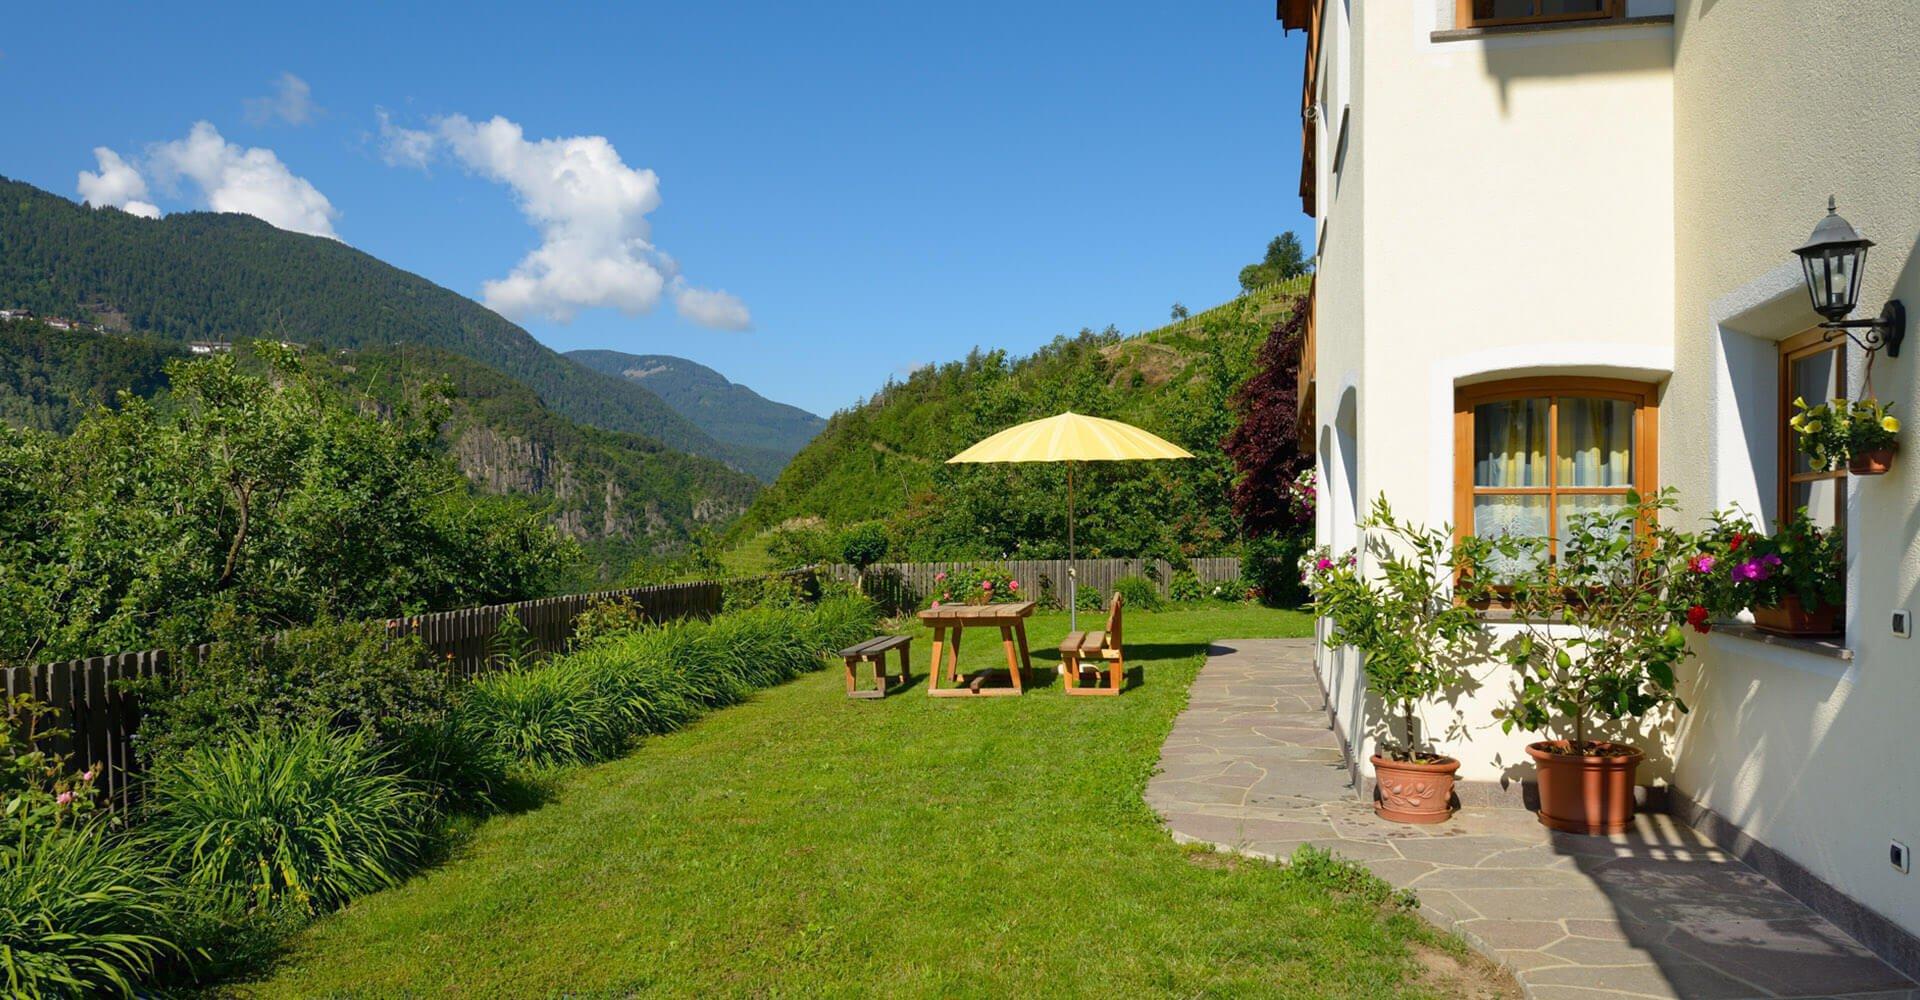 Urlaub auf dem Bauernhof in Völs am Schlern Südtirol